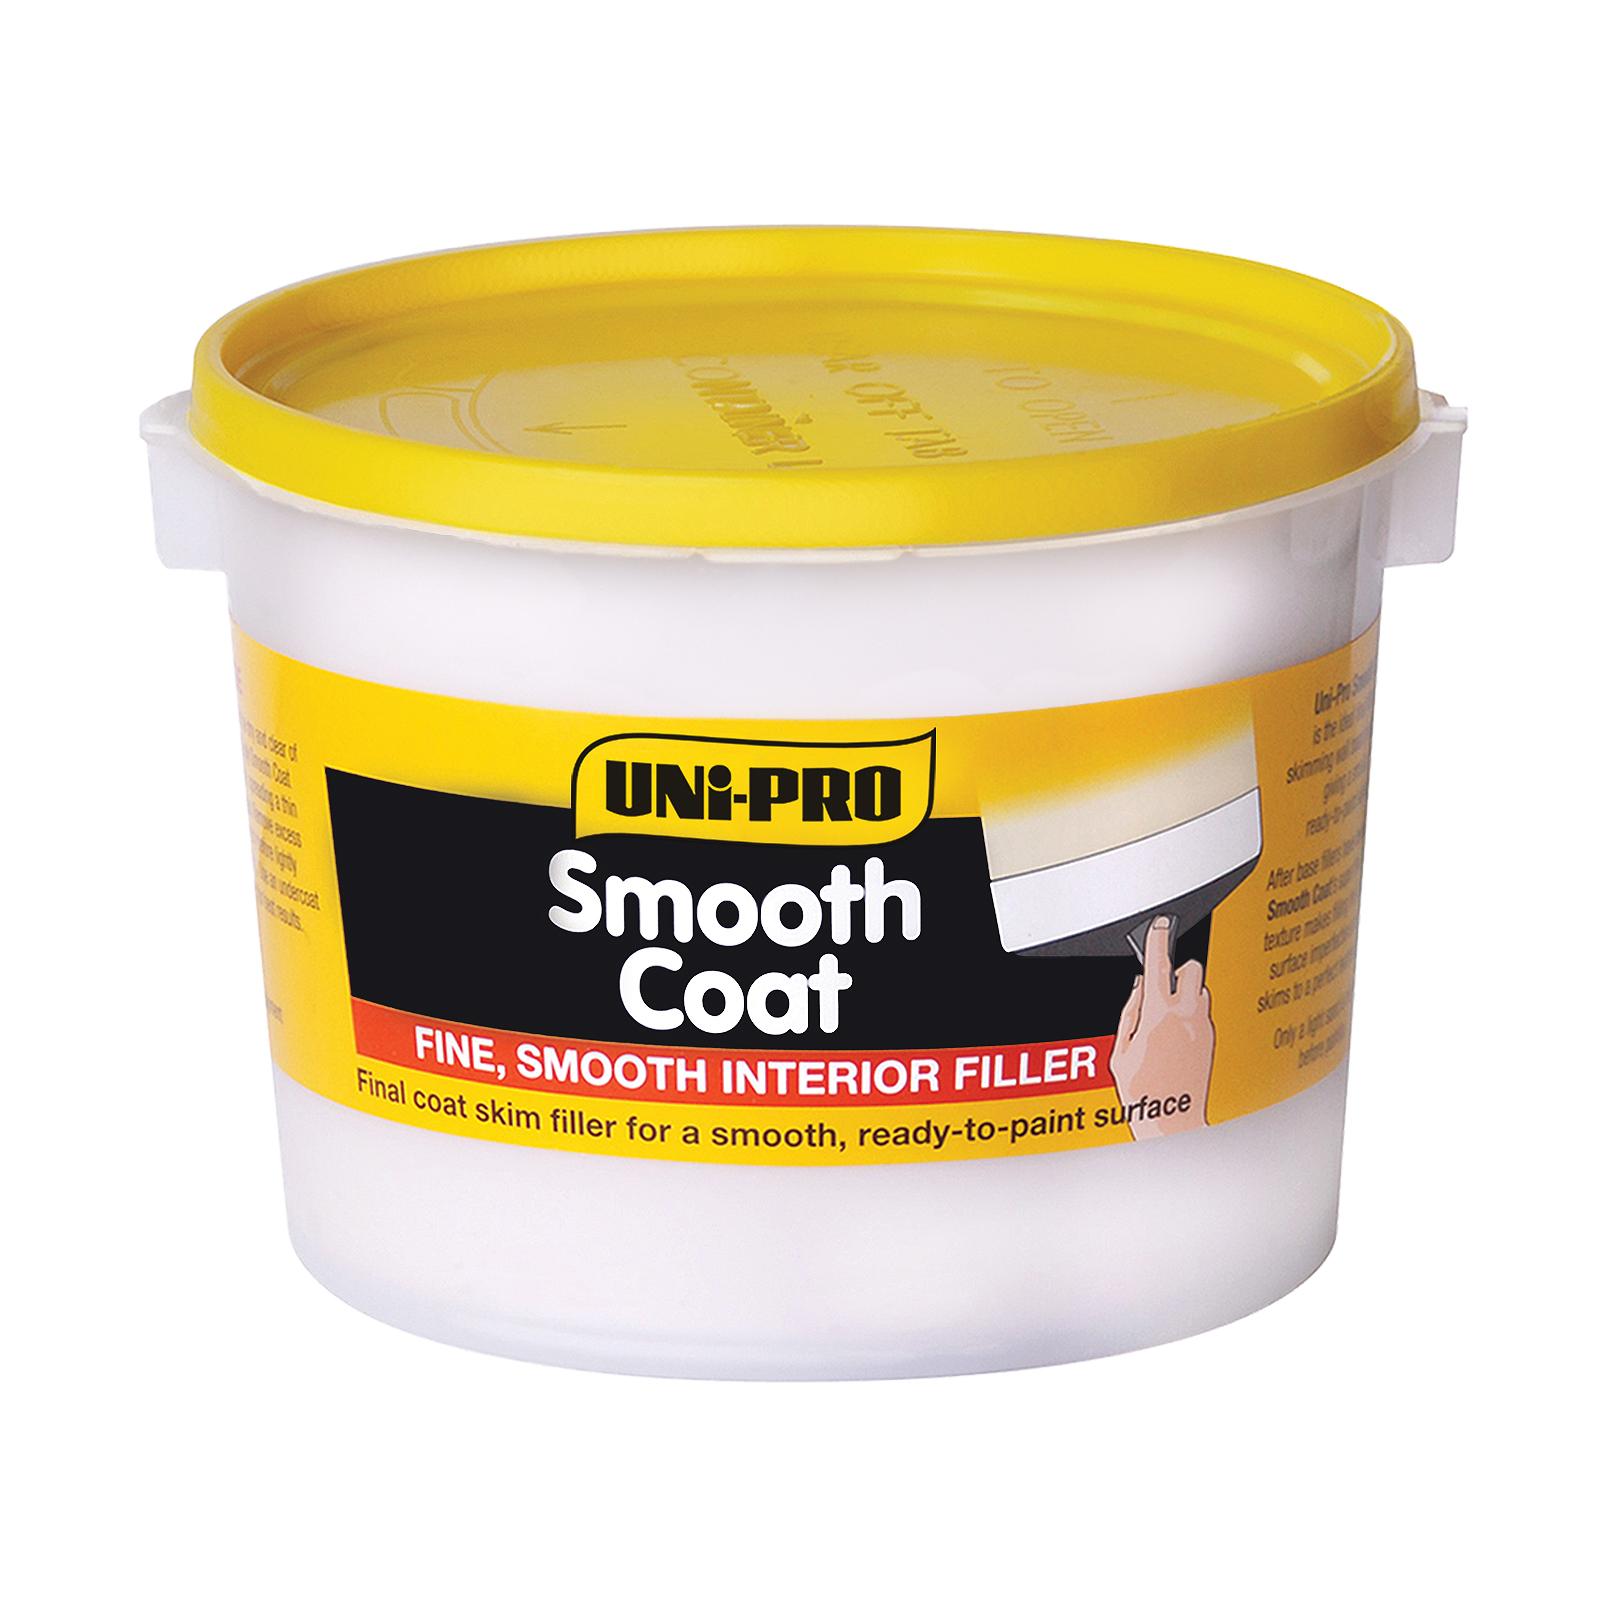 UNi-PRO 1.7kg Smooth Coat Skim Filler